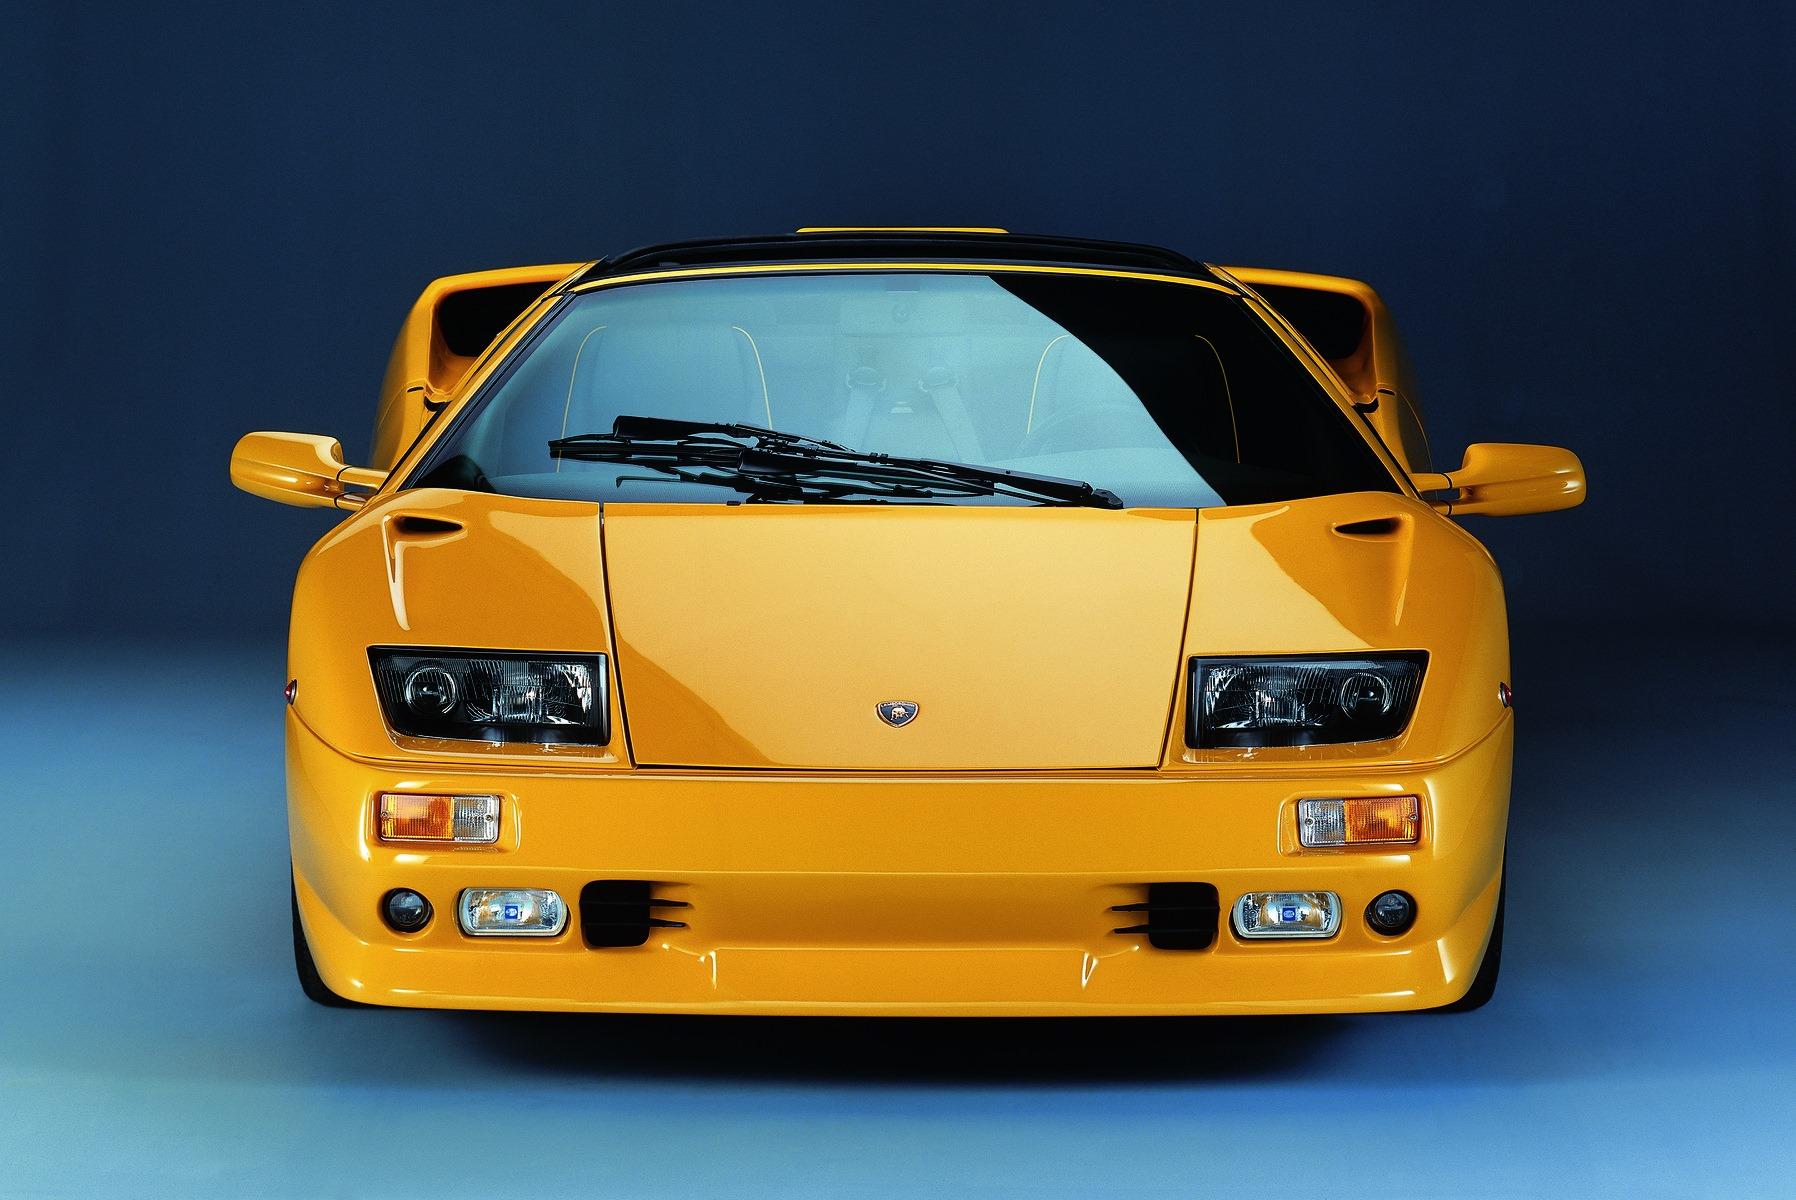 El origen taurino de los nombres de Lamborghini